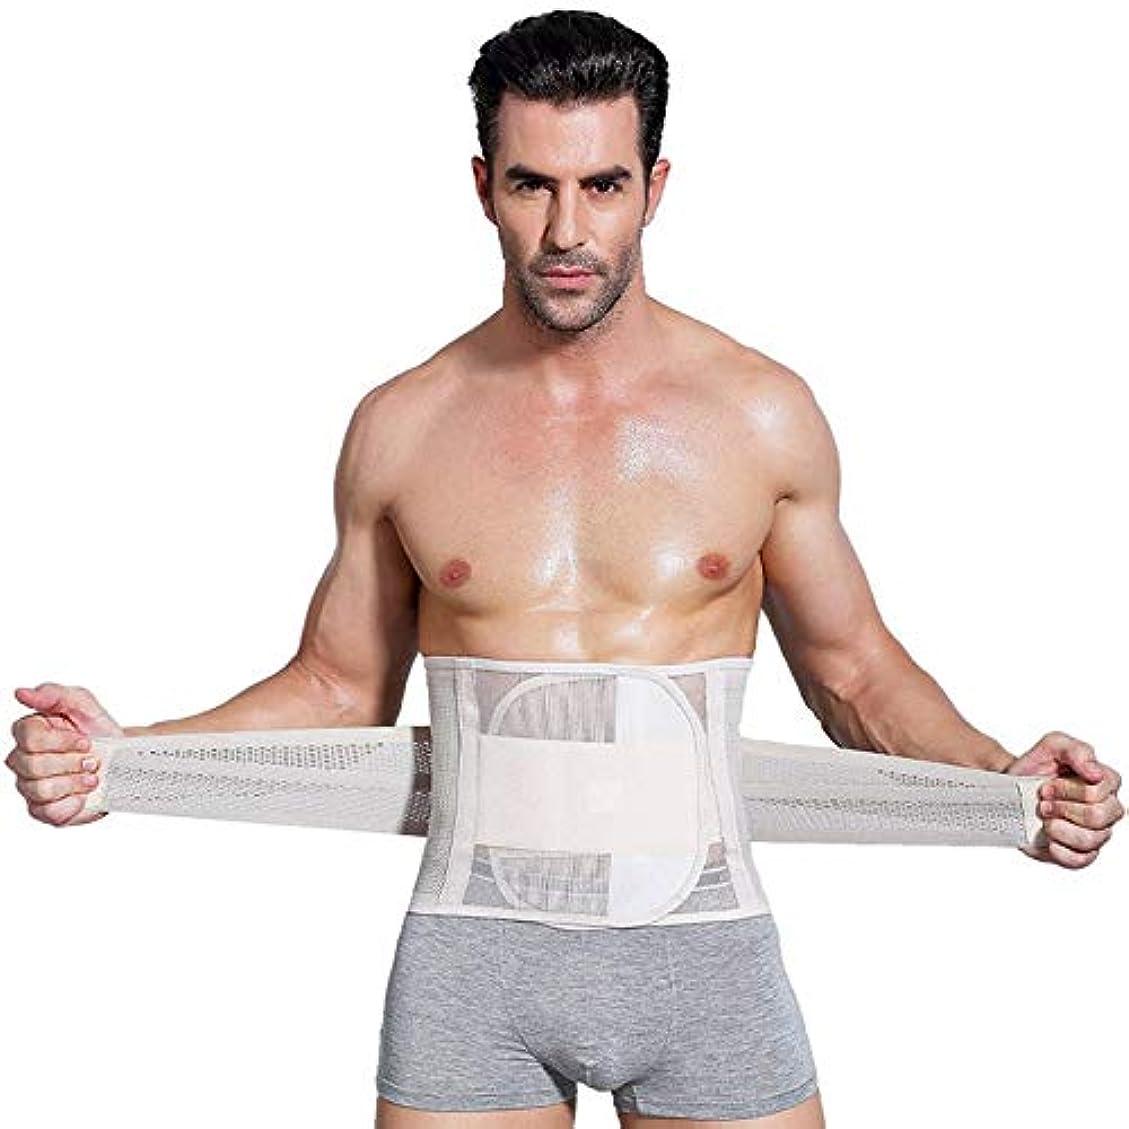 くつろぎ傾向がある葉を拾う男性ボディシェイパーコルセット腹部おなかコントロールウエストトレーナーニッパー脂肪燃焼ガードル痩身腹ベルト用男性 - 肌色M